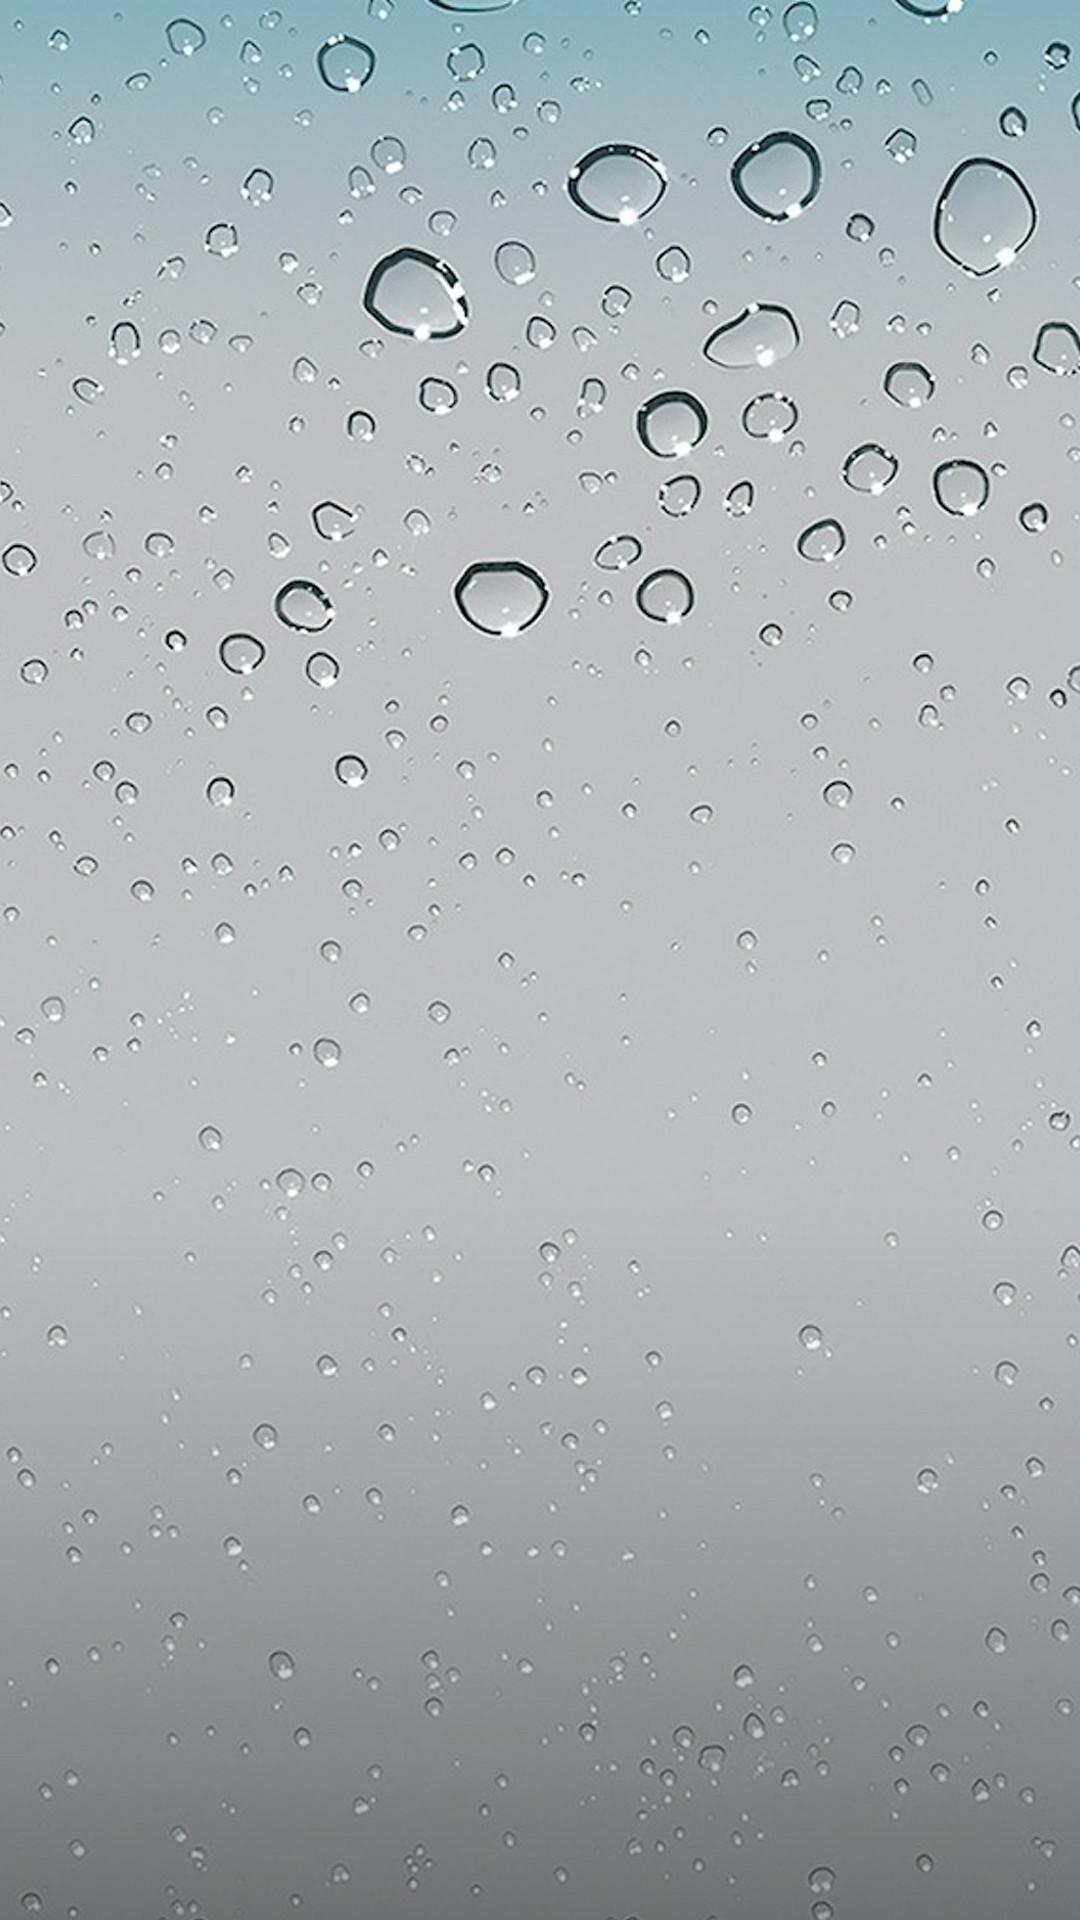 iOS Water-iP6 plus.jpg